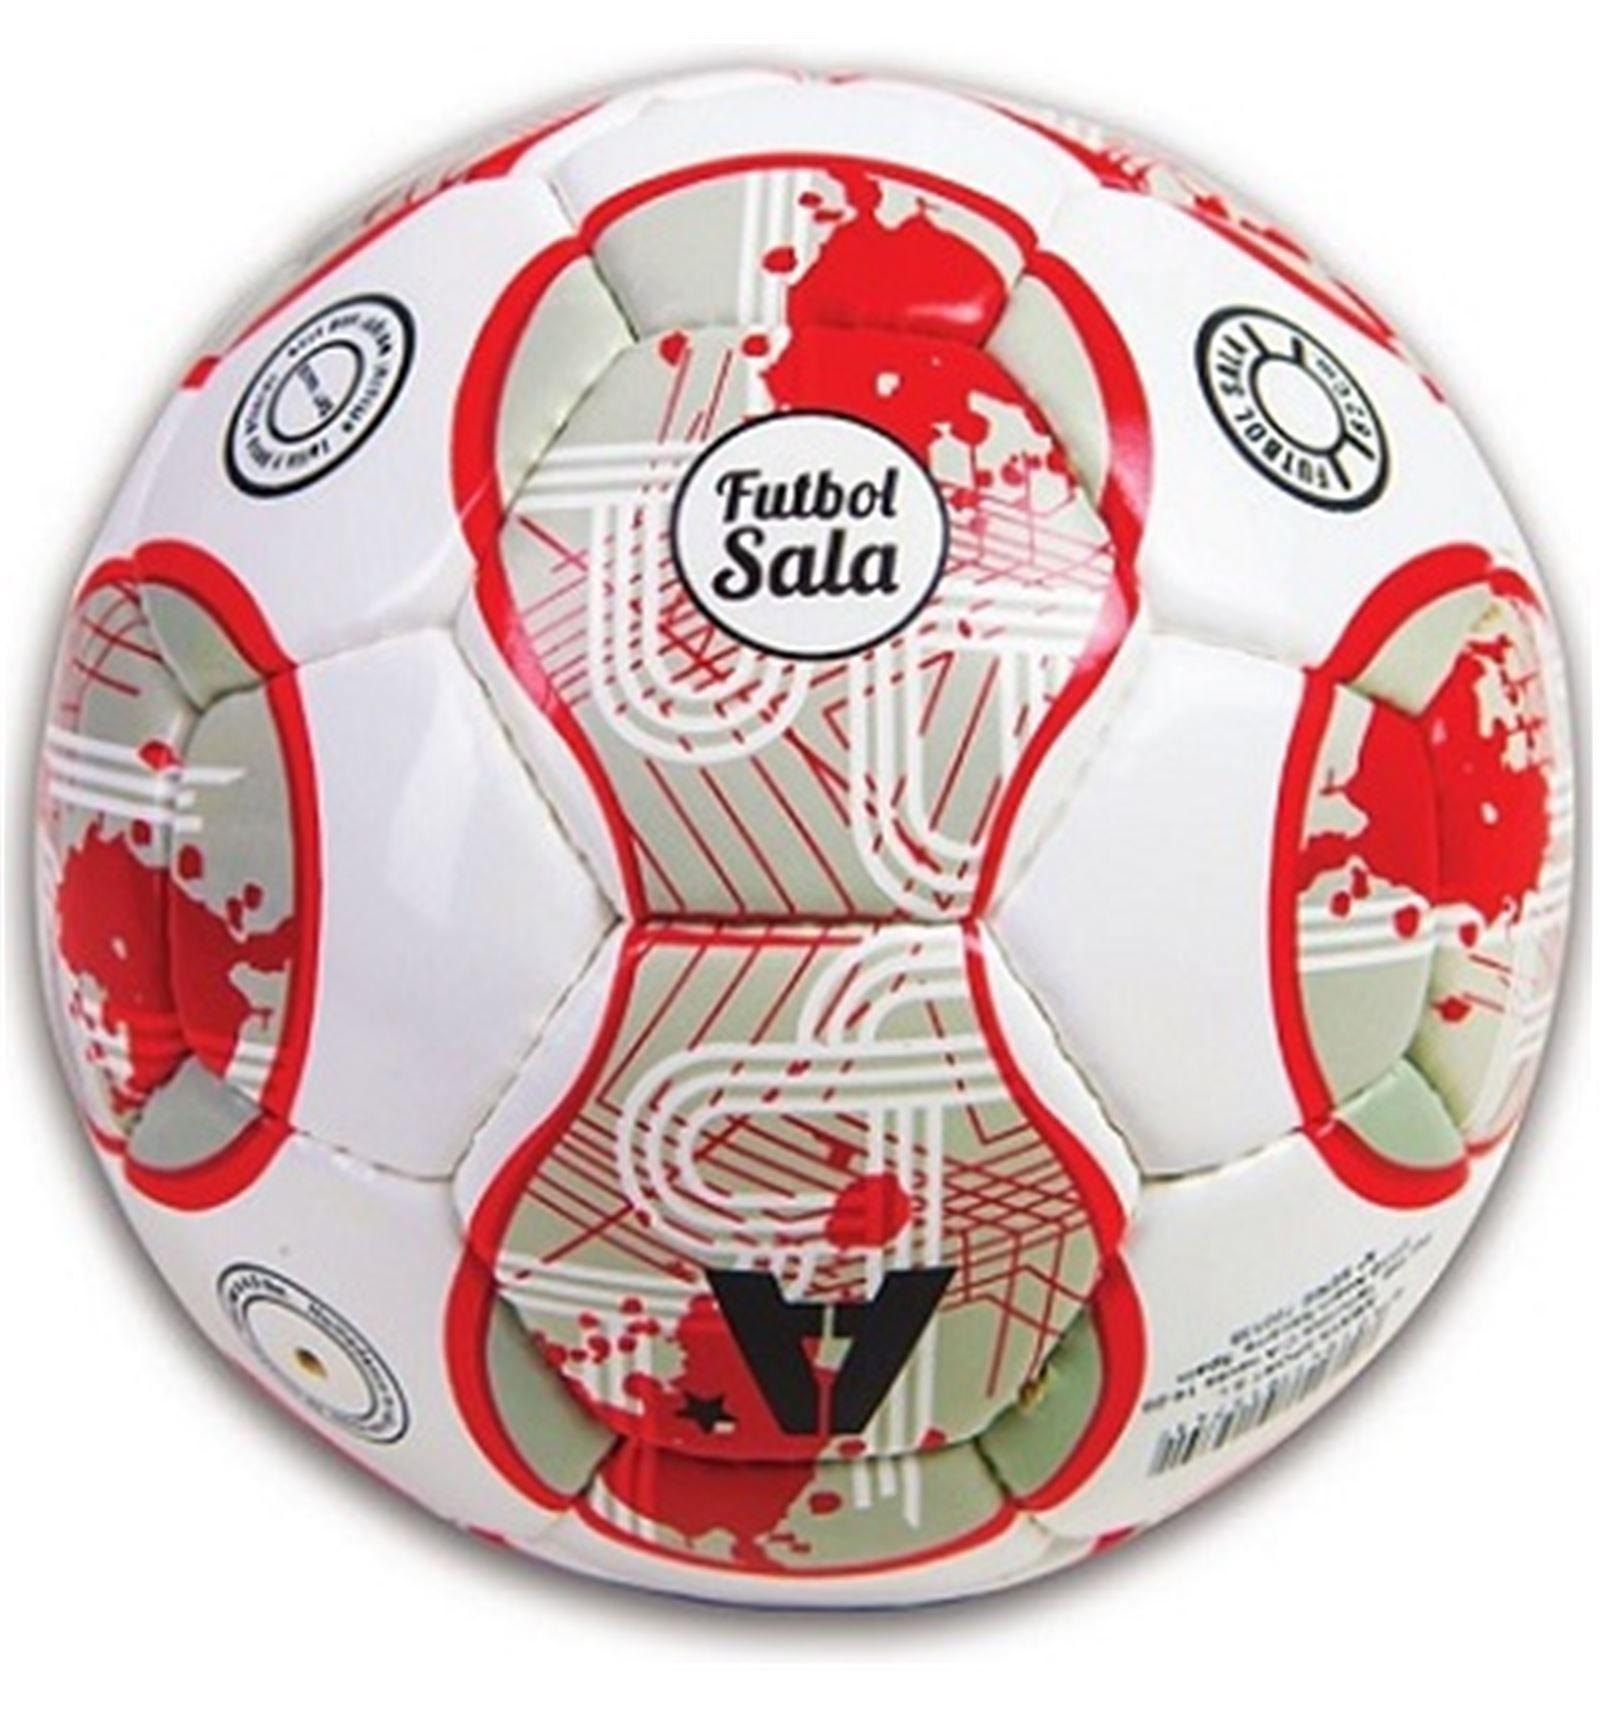 Balon futbol sala cuero soft touch 62 cm - 280700138 f441021b09225